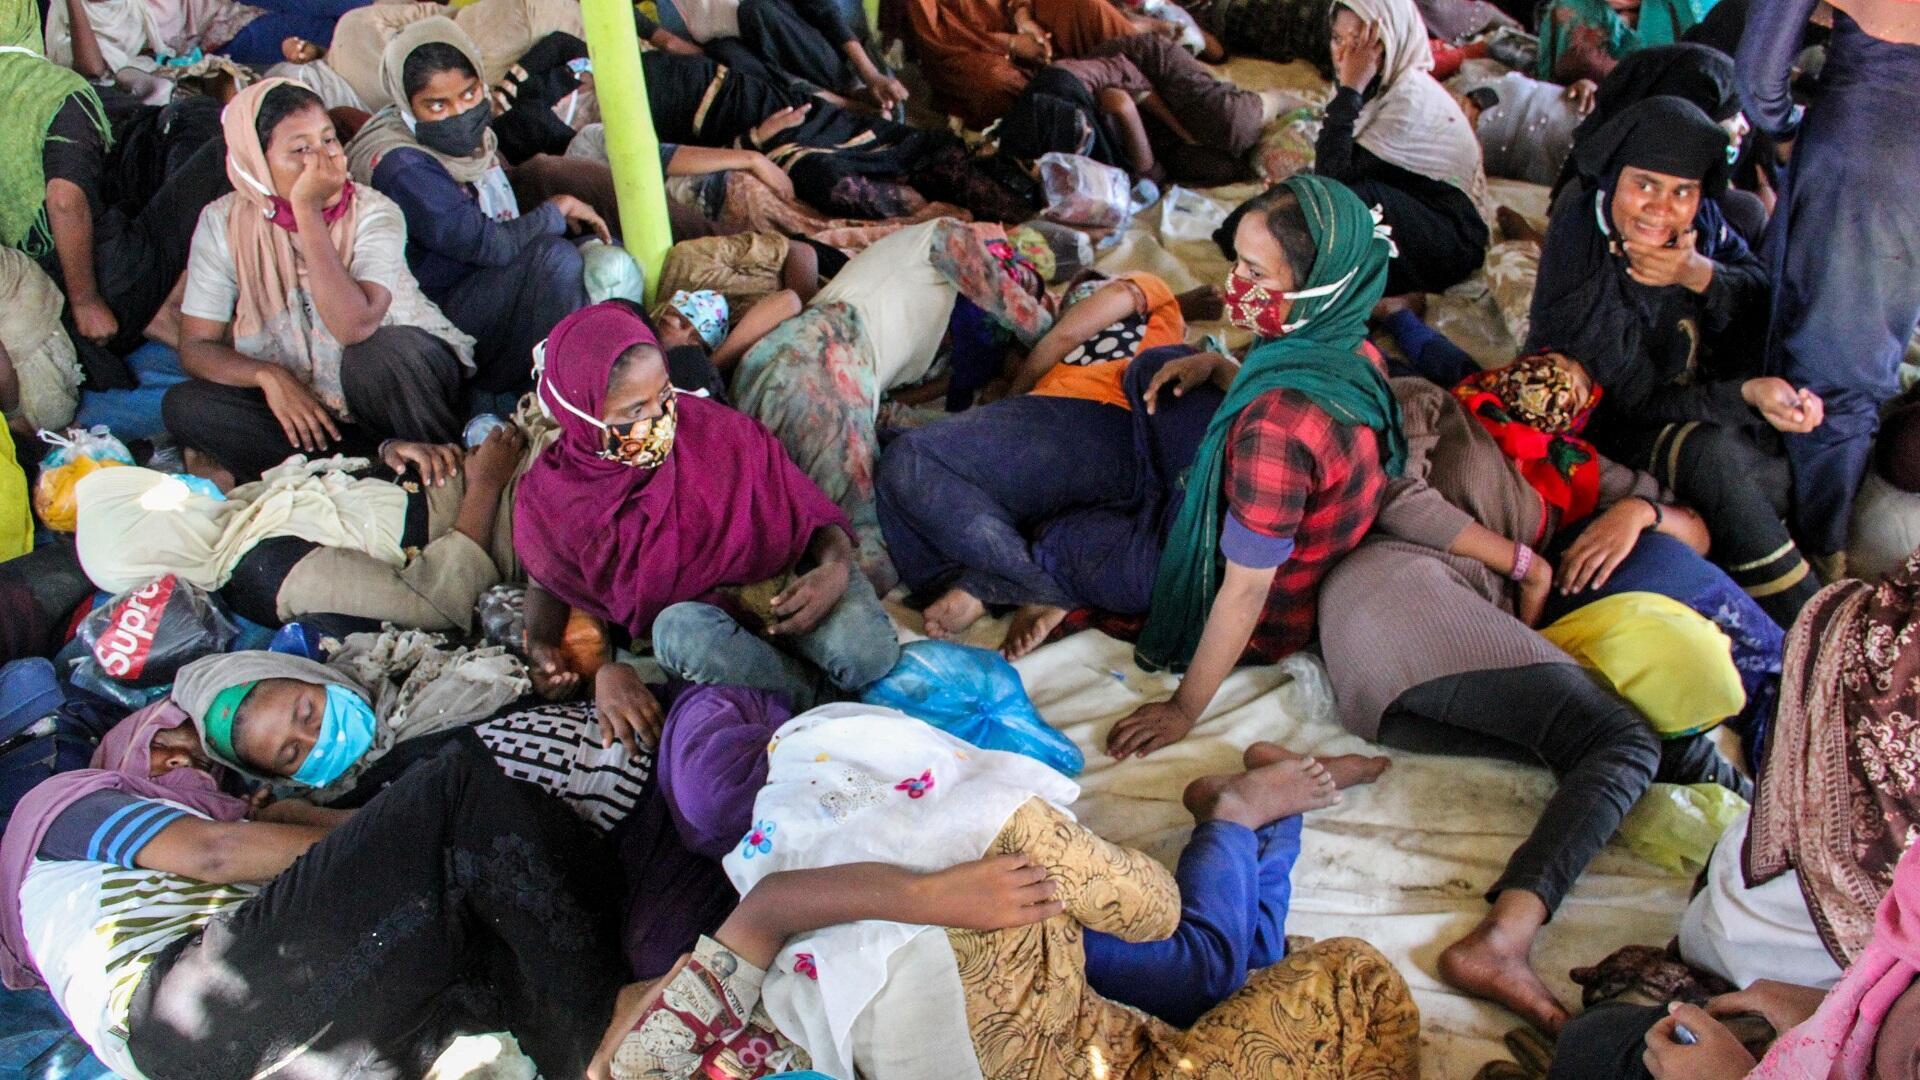 لاجئون من الروهينغا يرتاحون بمدينة لوكيسوماوي بإقليم أتشيه الإندونيسي بعد أن قضوا سبعة أشهر في البحر، 7 أغسطس/آب 2020.